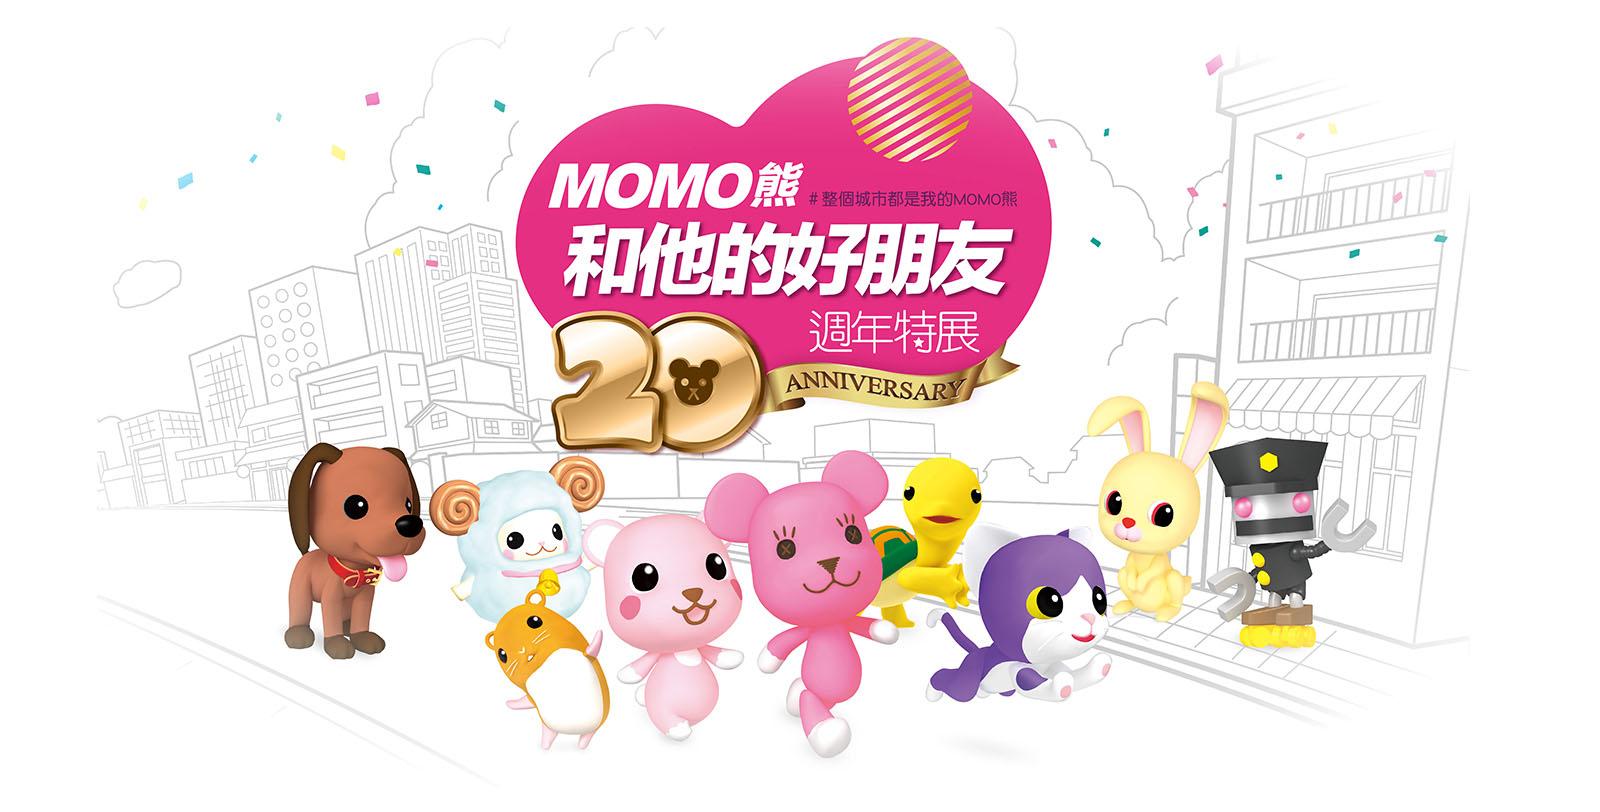 史上最強互動展!「MOMO熊和他的好朋友 20週年特展」海外首展 旋風來台